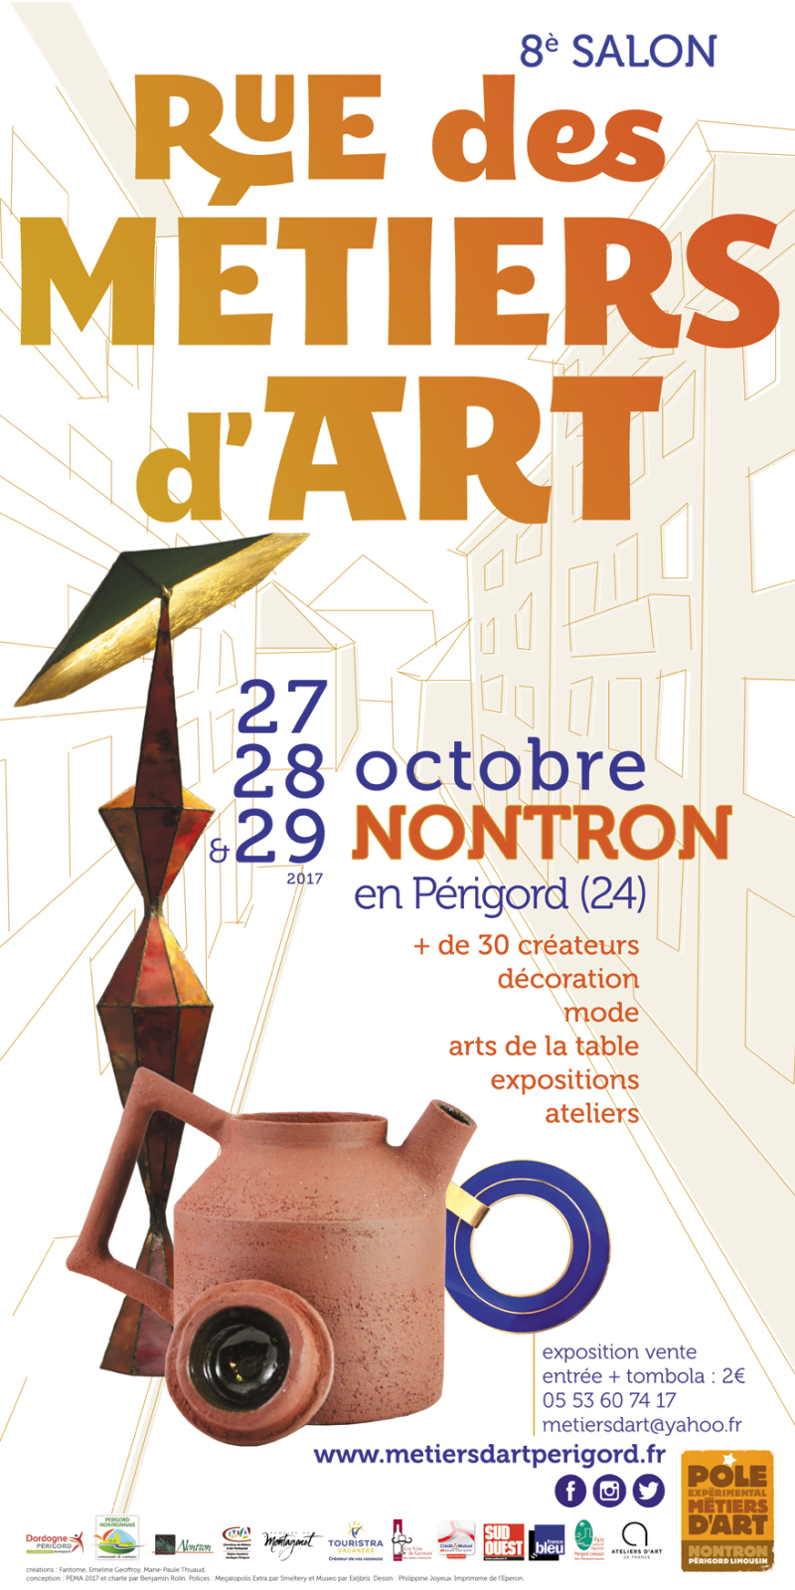 Rue des Métiers d'Art – salon métiers d'art 2017 à Nontron